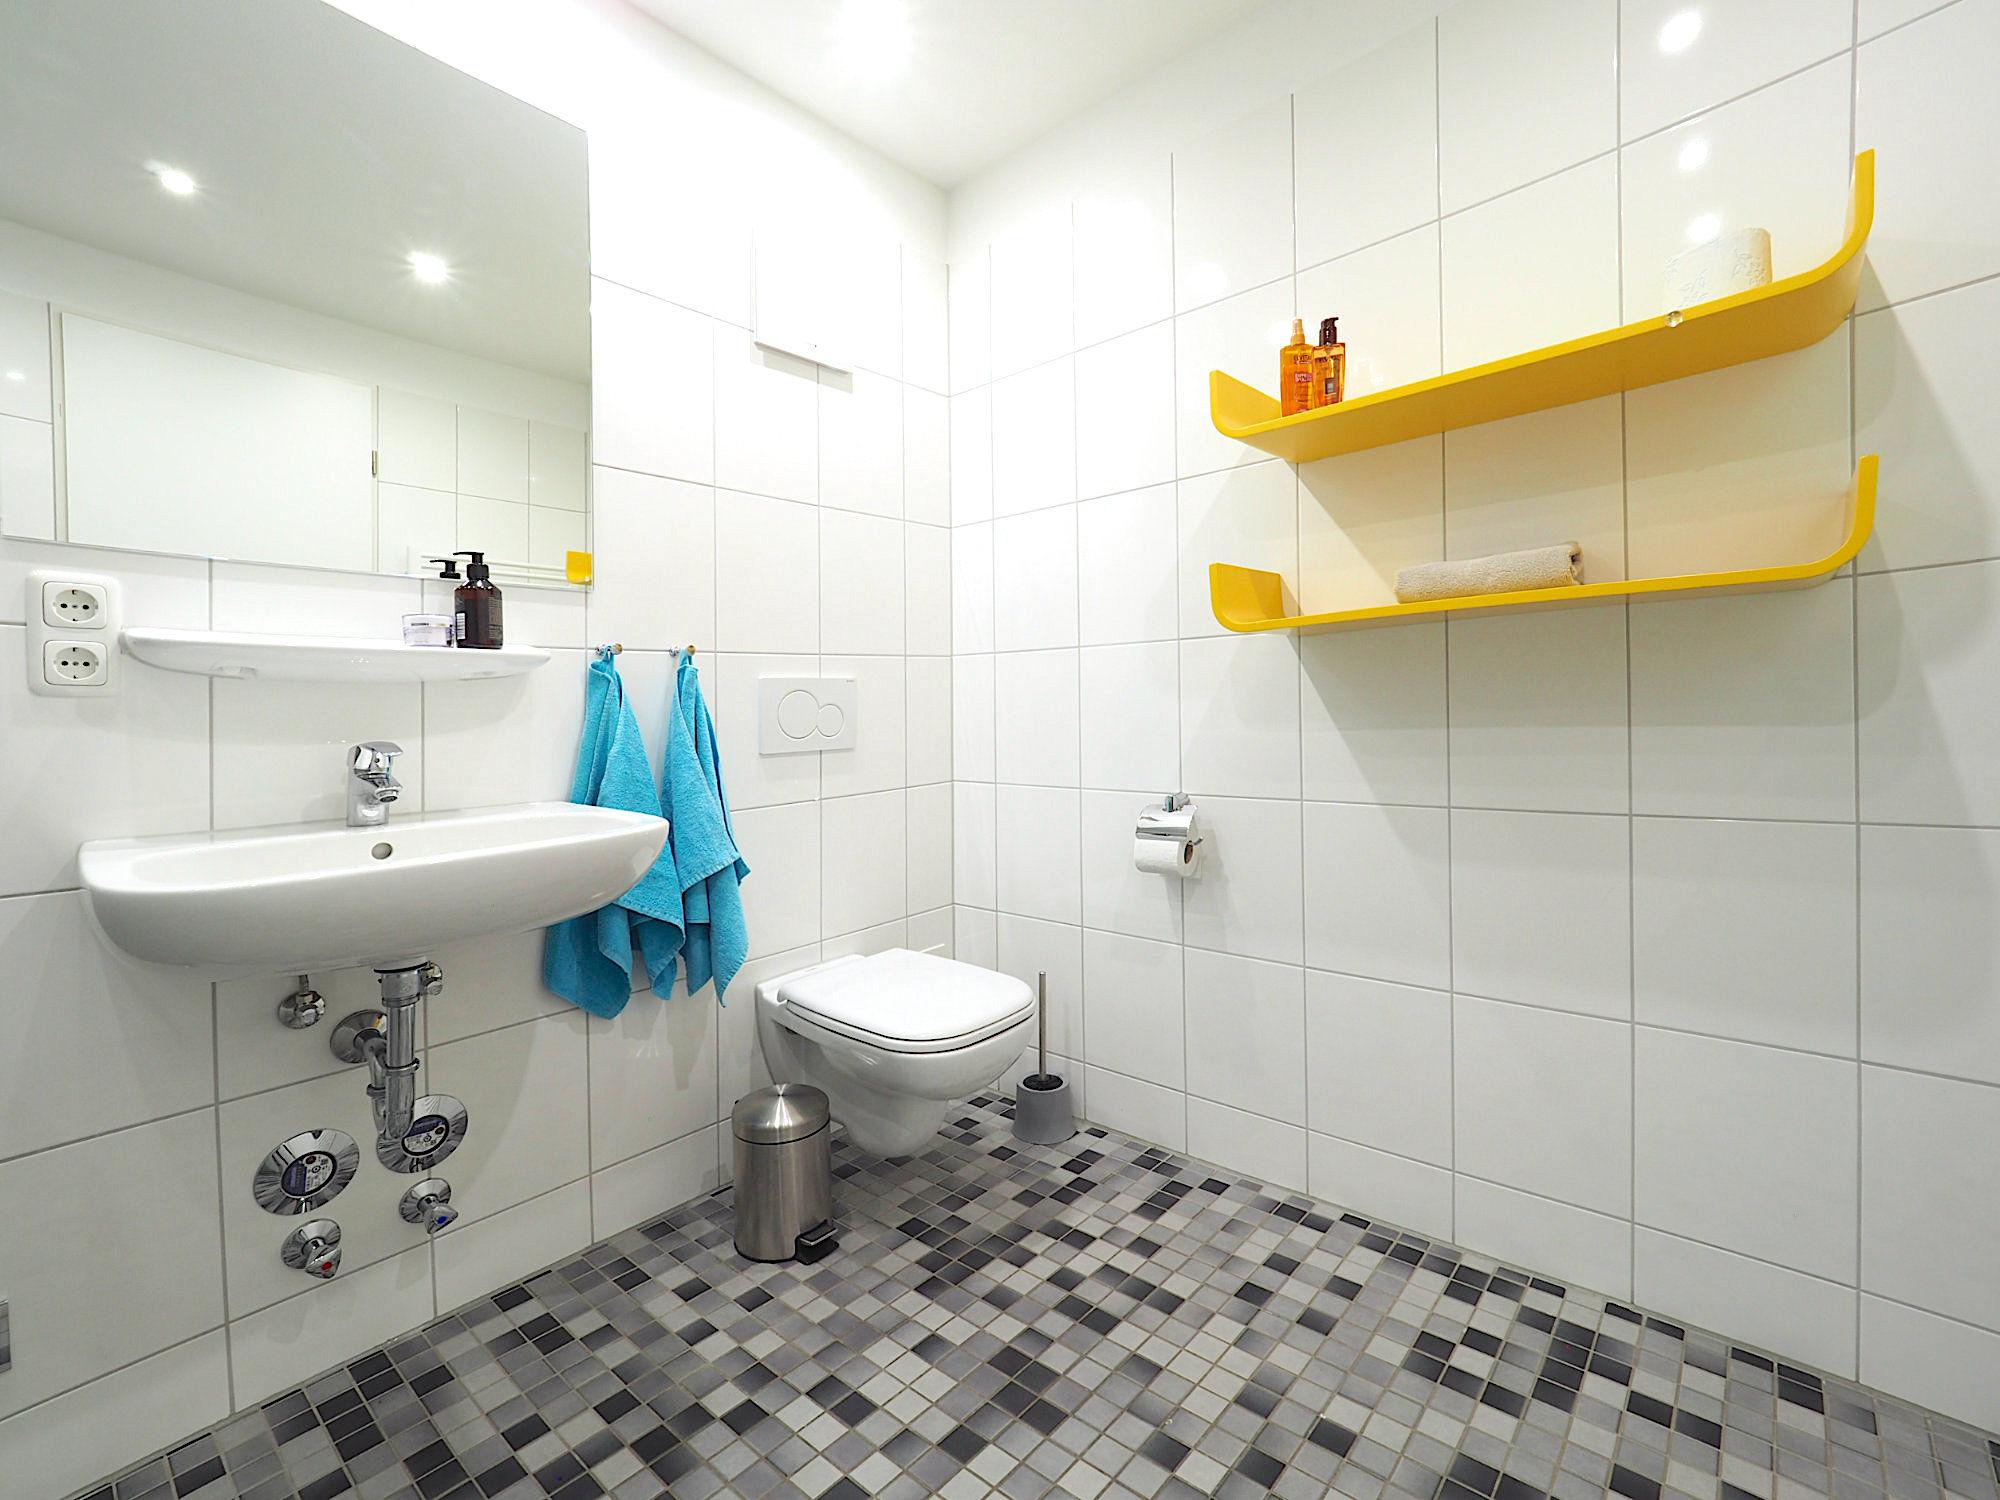 Duschbad mit Waschbecken, WC und zwei Regalen